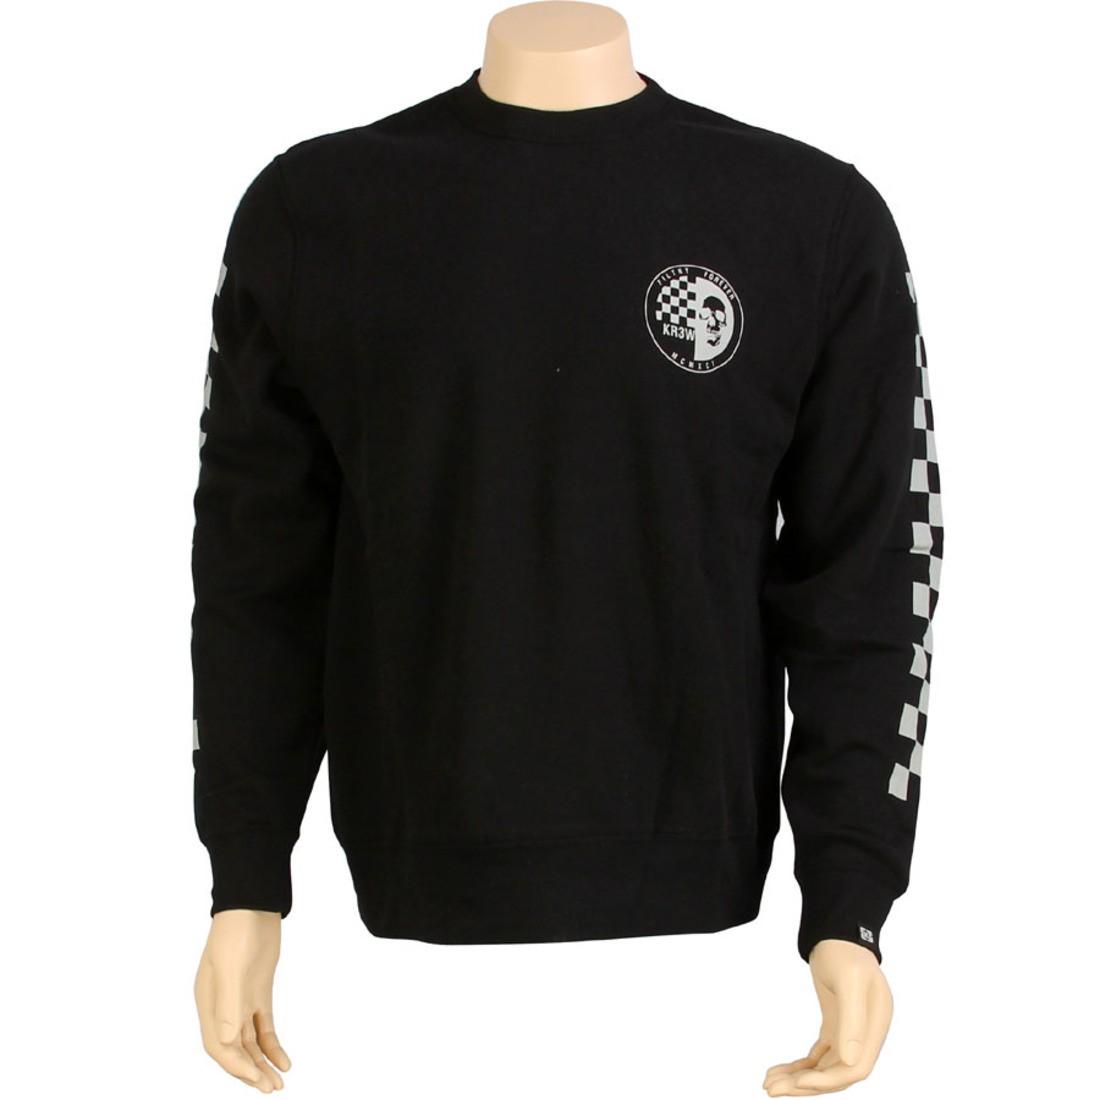 【海外限定】フリース SKRAW トップス BLACK メンズファッション【 KR3W【 SKRAW CREWNECK FLEECE BLACK】, ジュエリー&ハンドバッグの居東屋:6df15cce --- officewill.xsrv.jp